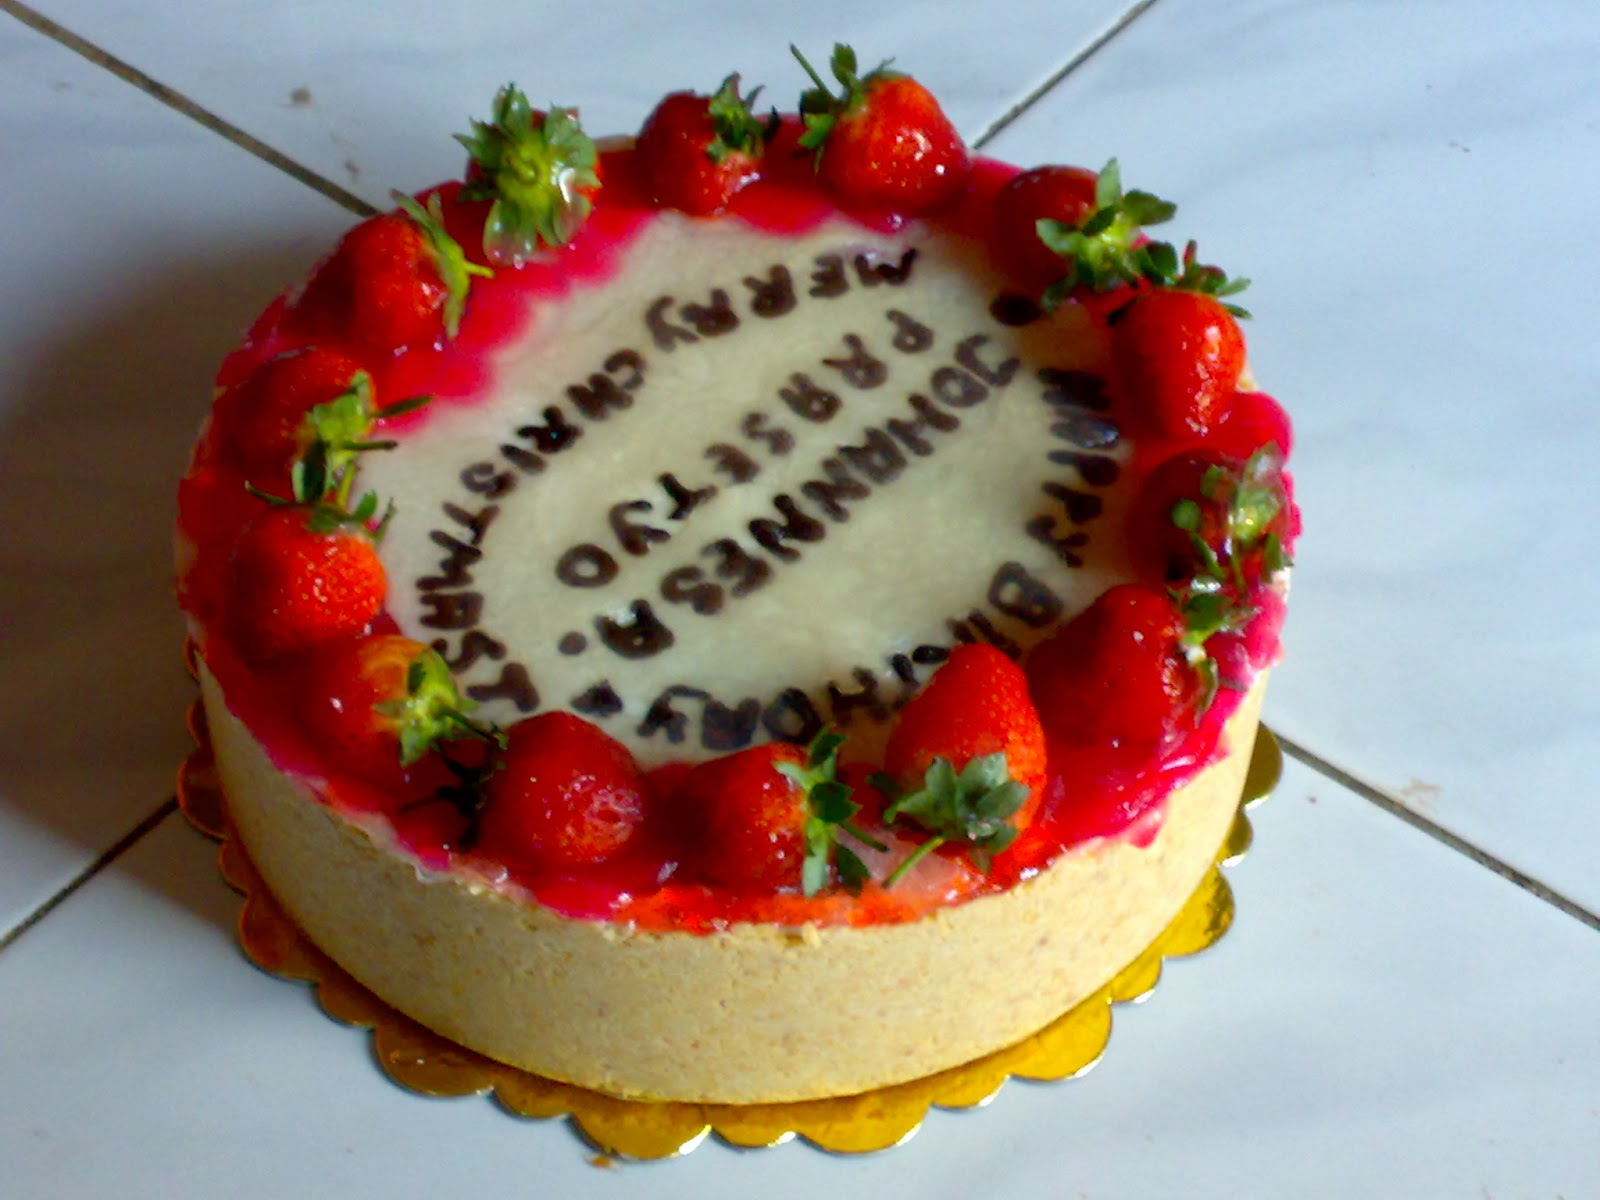 Tempat pesan kue di padang